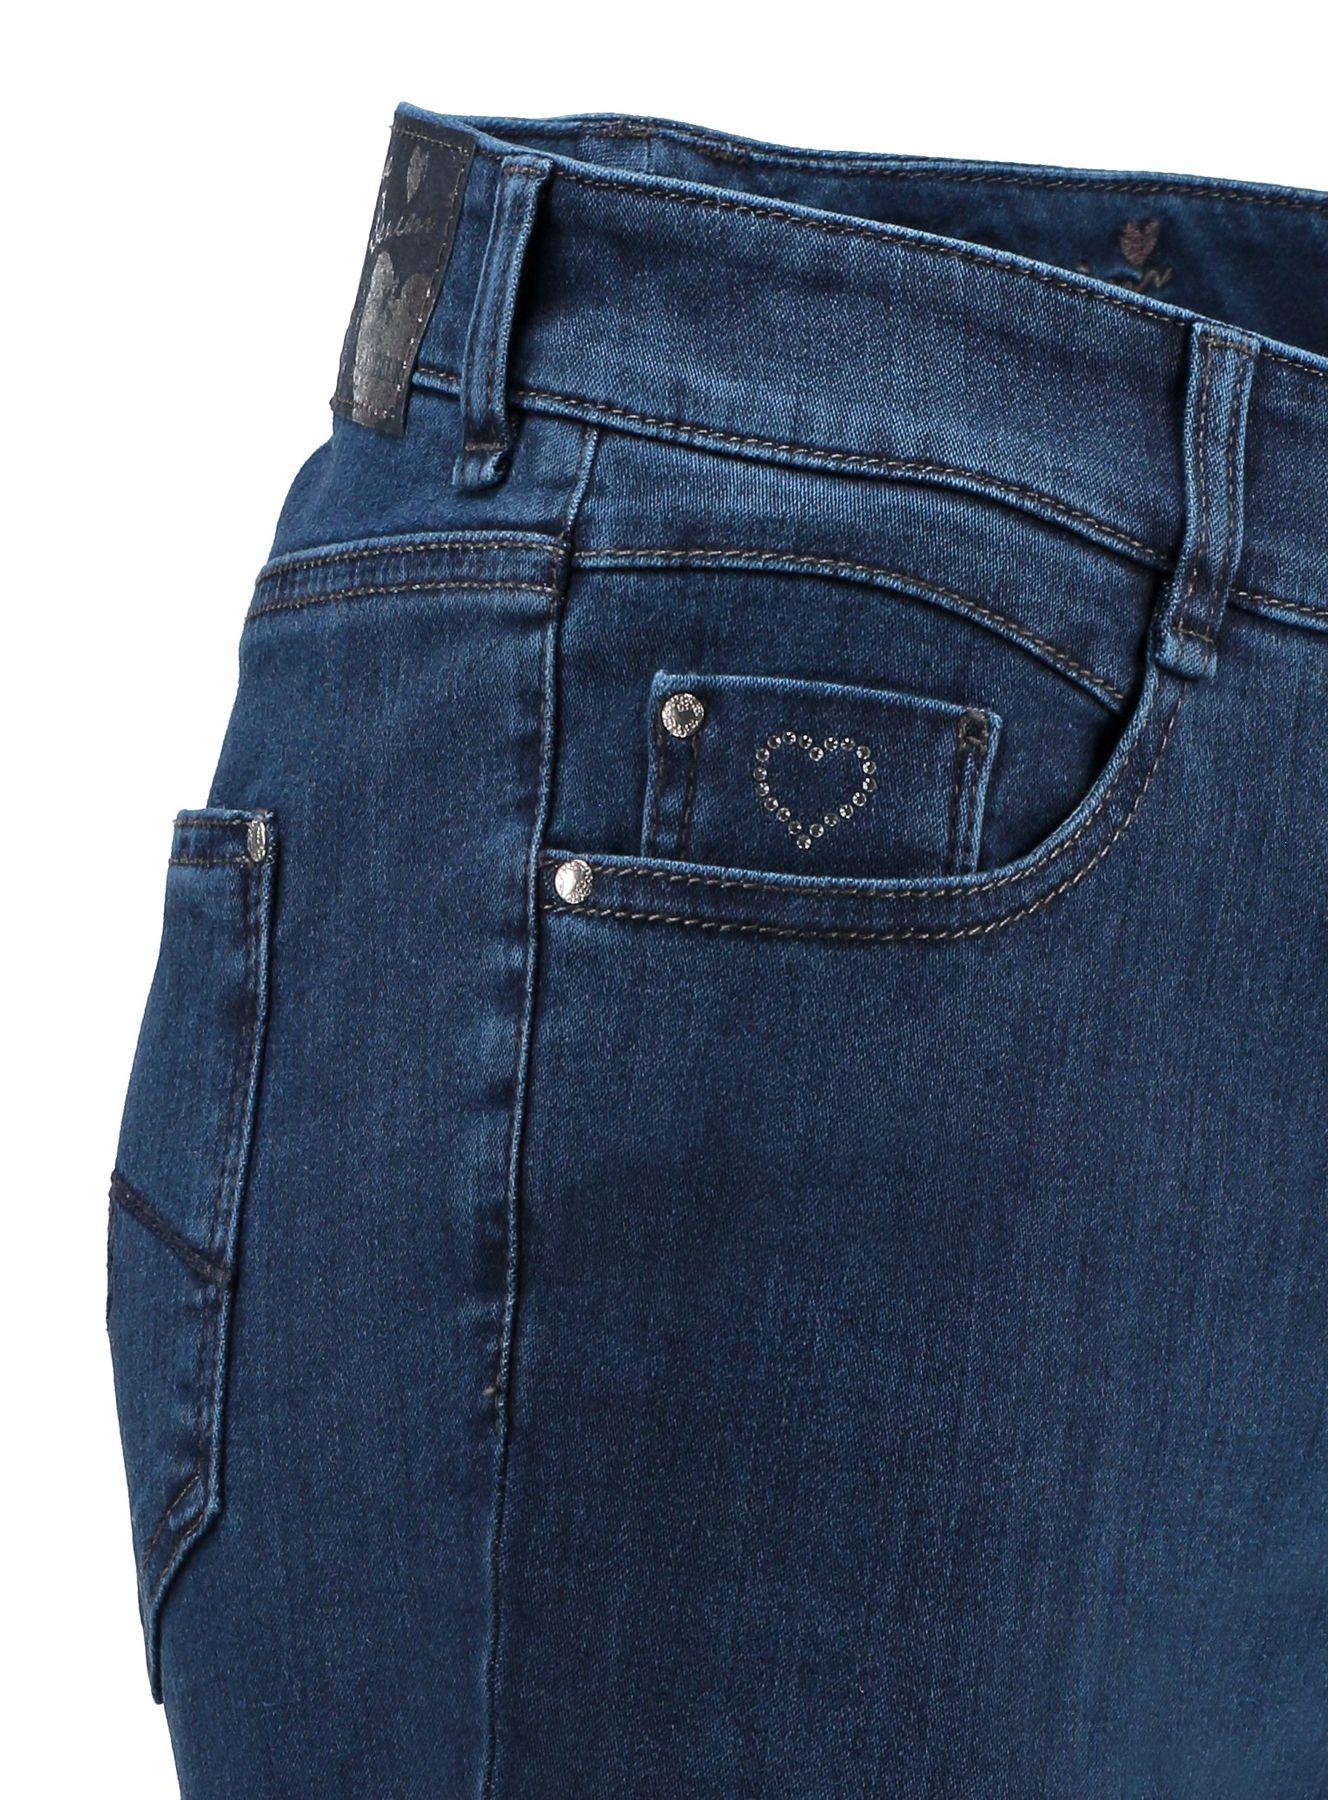 Atelier Gardeur - Slim Fit - Damen 5-Pocket Röhrenhose aus Satindenim in verschiedenen Farben, FS 17, Denise (600441) – Bild 7